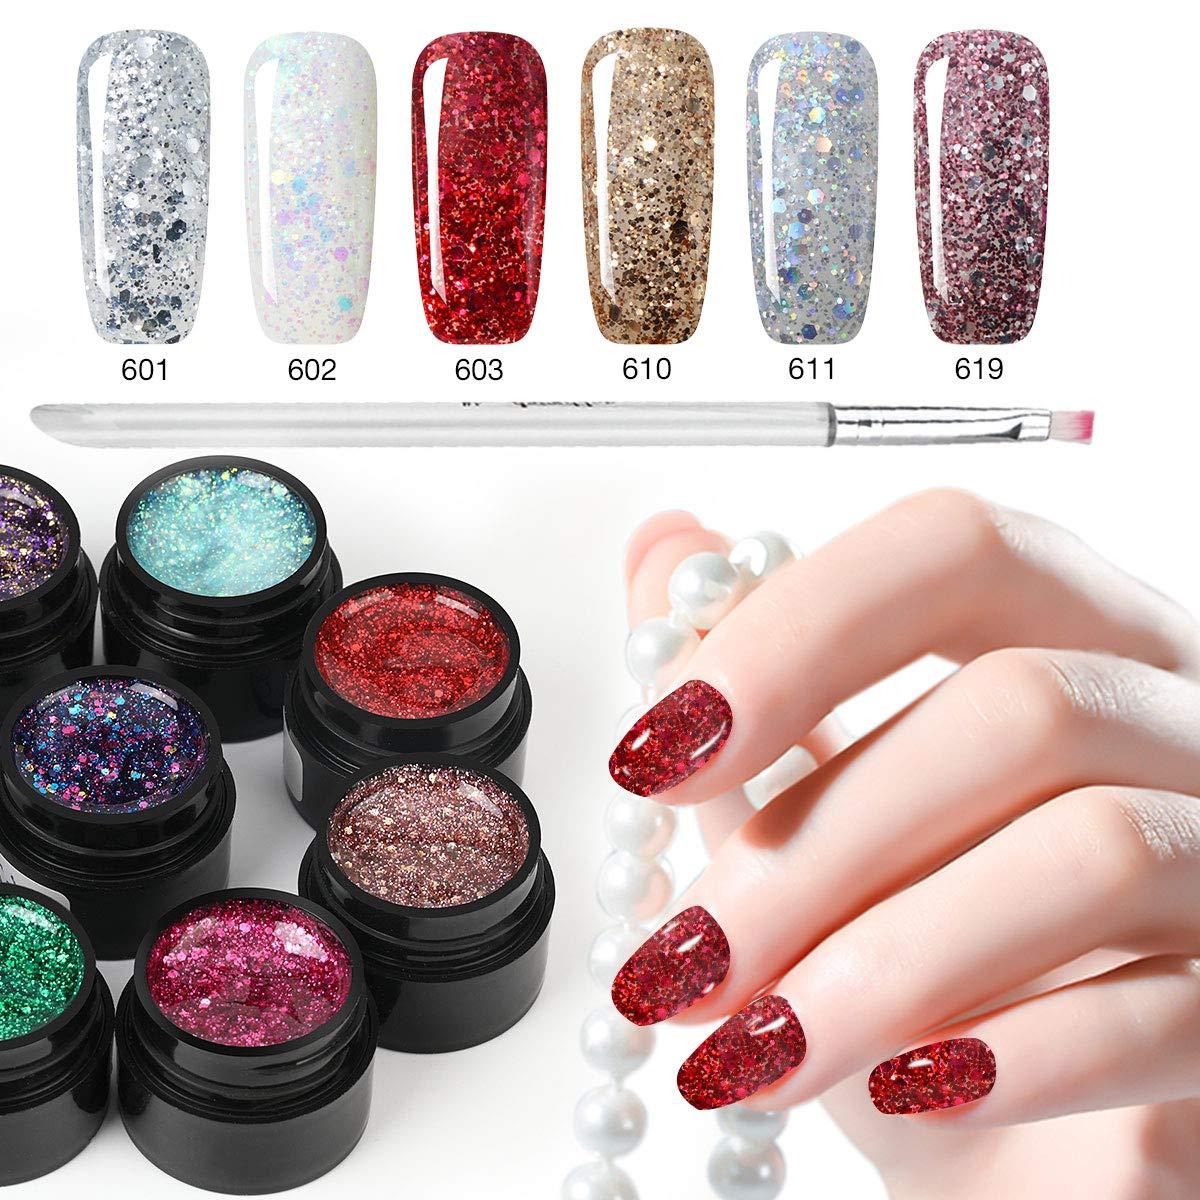 Esmalte de uñas con purpurina de 6 colores + bolígrafo de pintura, Saviland Soak Off Diamond Gel esmalte de uñas Set: Amazon.es: Belleza